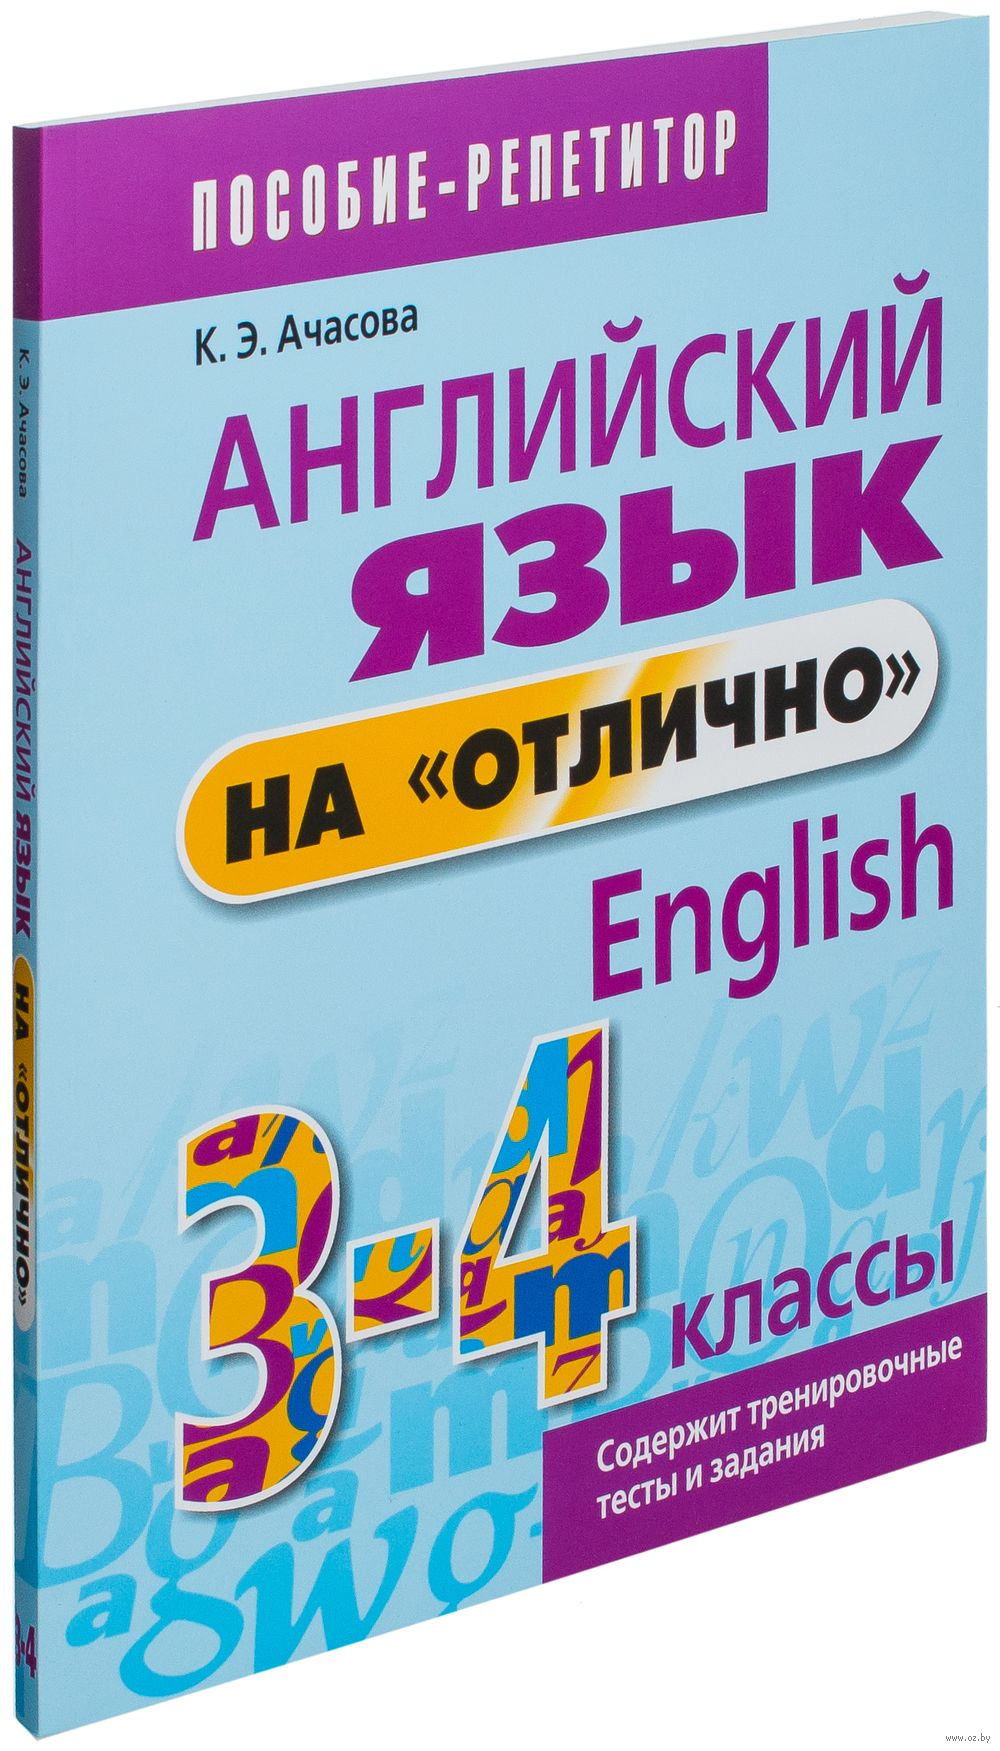 Тетрадь по английскому языку 4 класса купить во влодимере